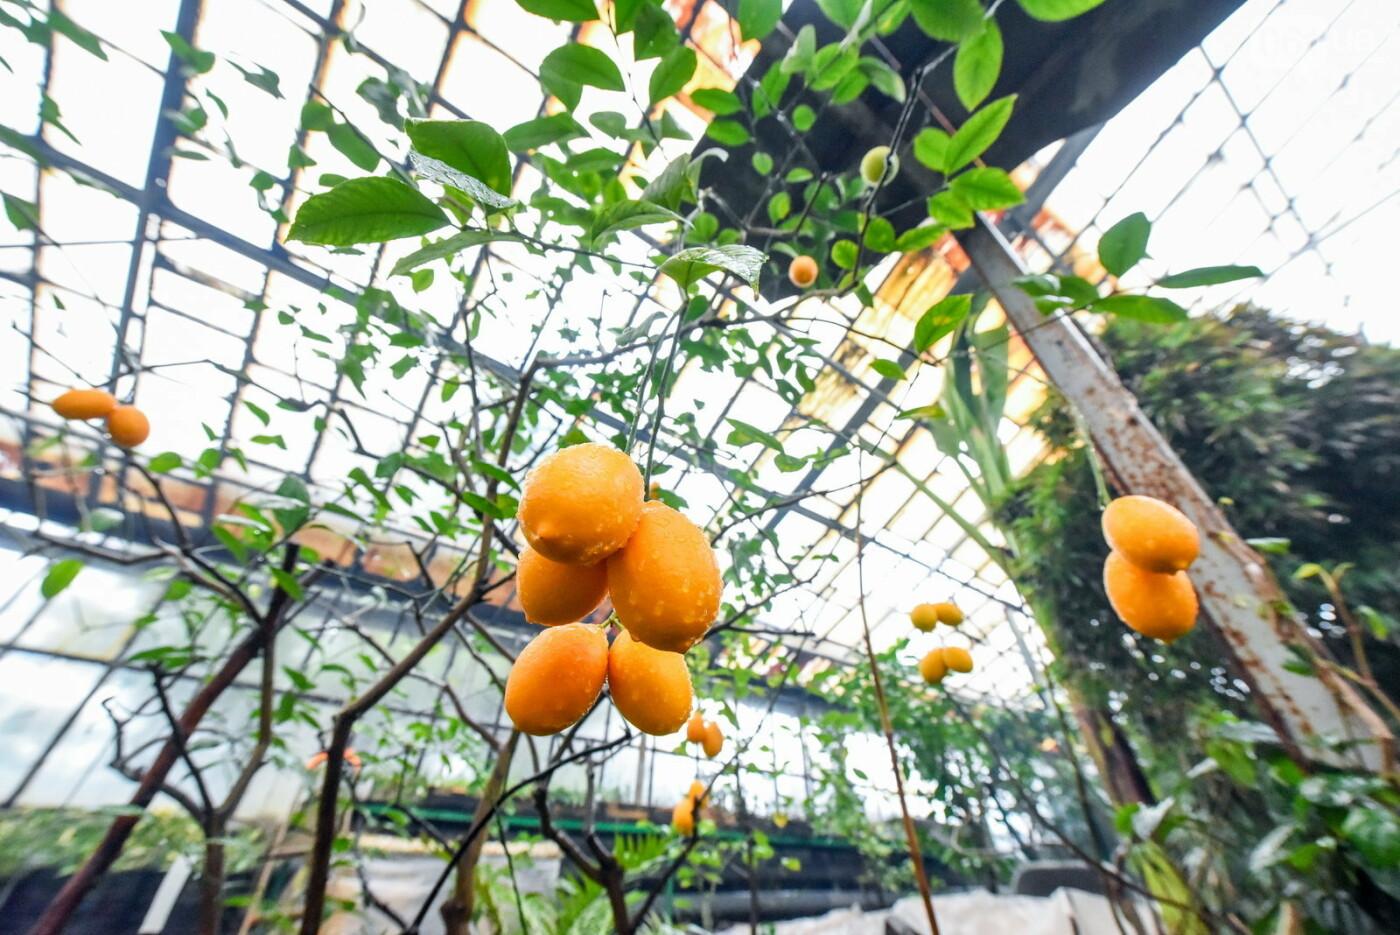 """Бананы, кинкан, огромные лимоны и """"райская птица"""" - запорожский ботанический сад в фотографиях, фото-6"""